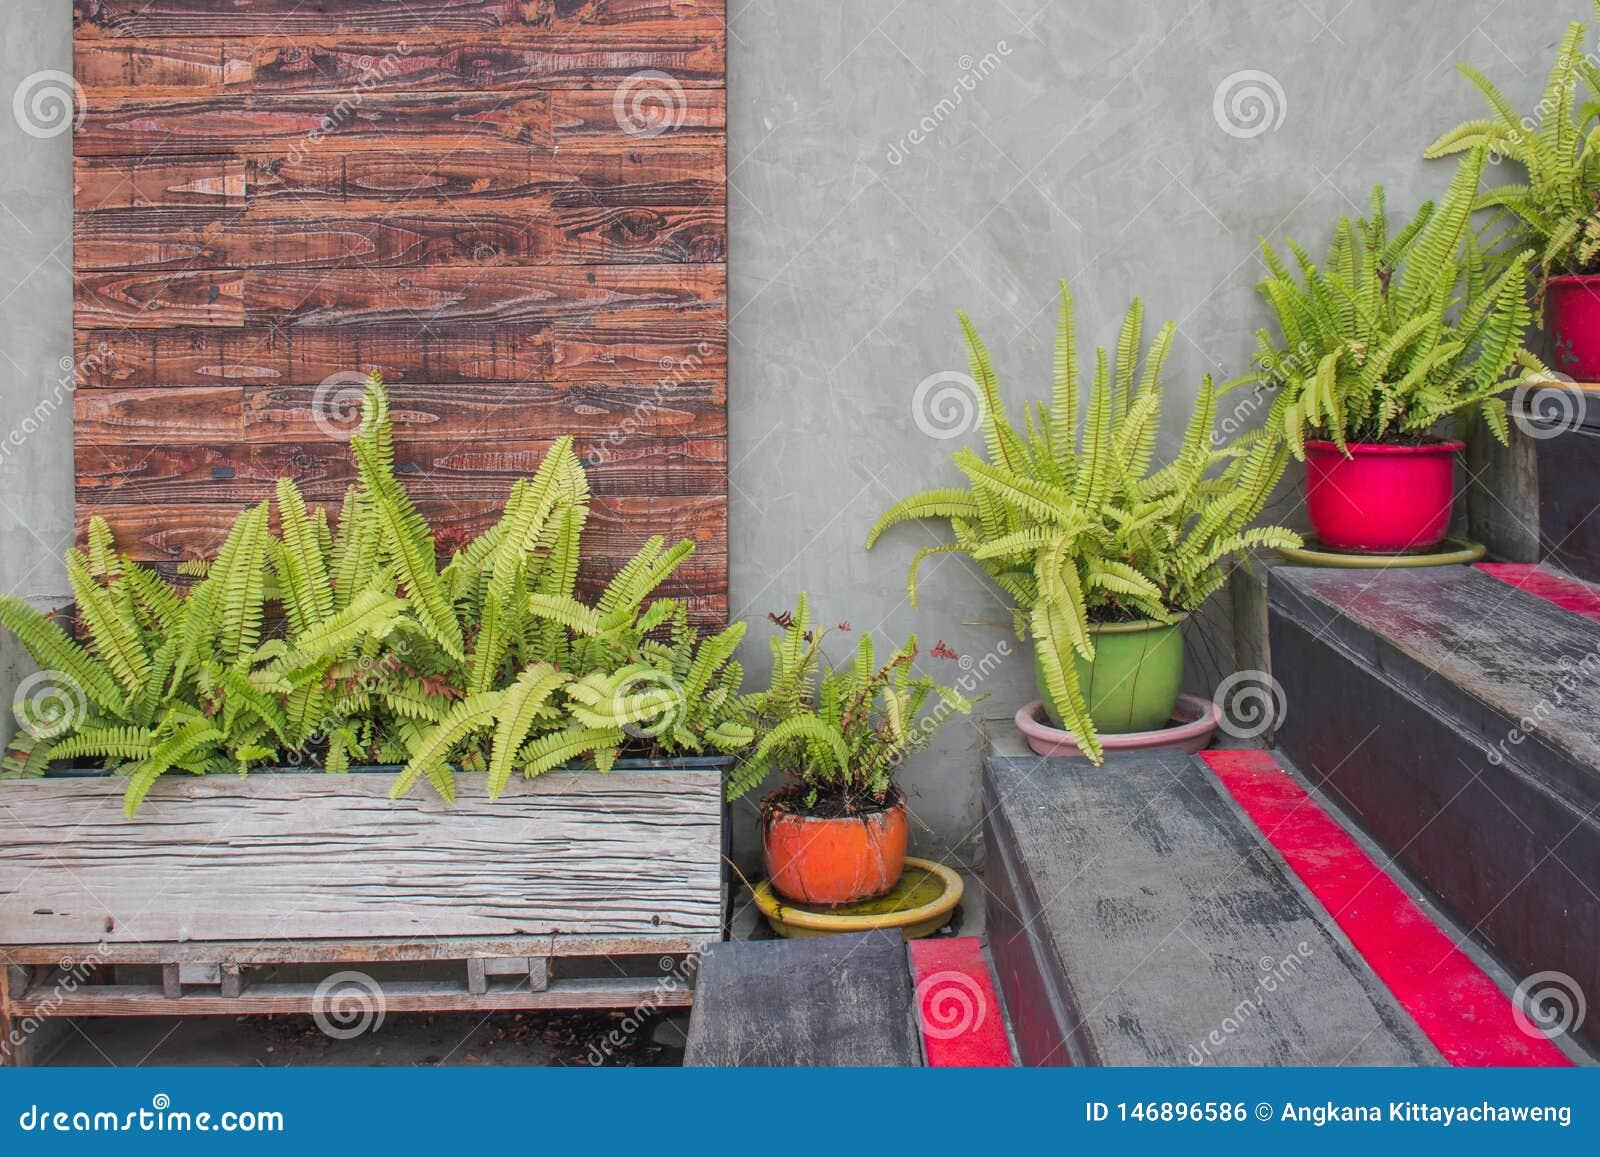 Зеленые листья в цветочном горшке украшают на деревянных лестницах вне здания